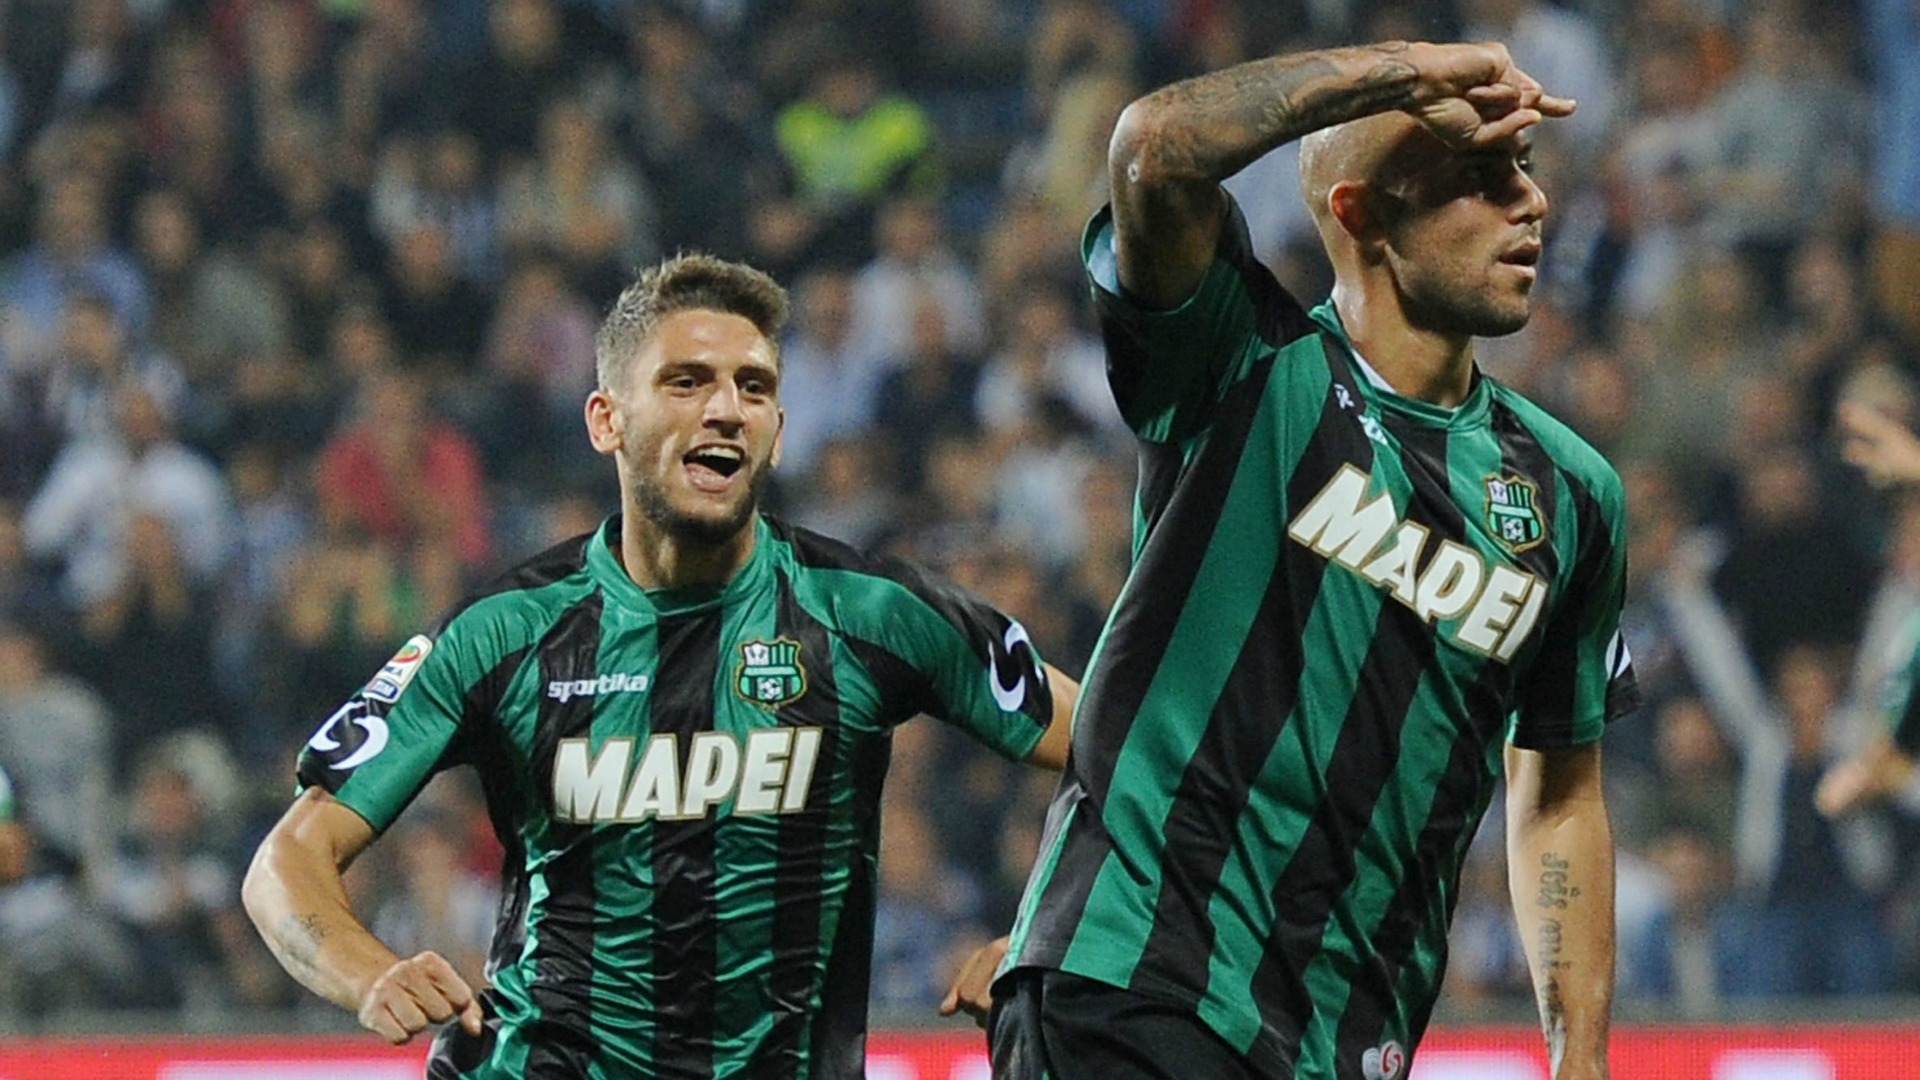 Zaza e Berardi guideranno l'attacco del Sassuolo stasera contro il Palermo